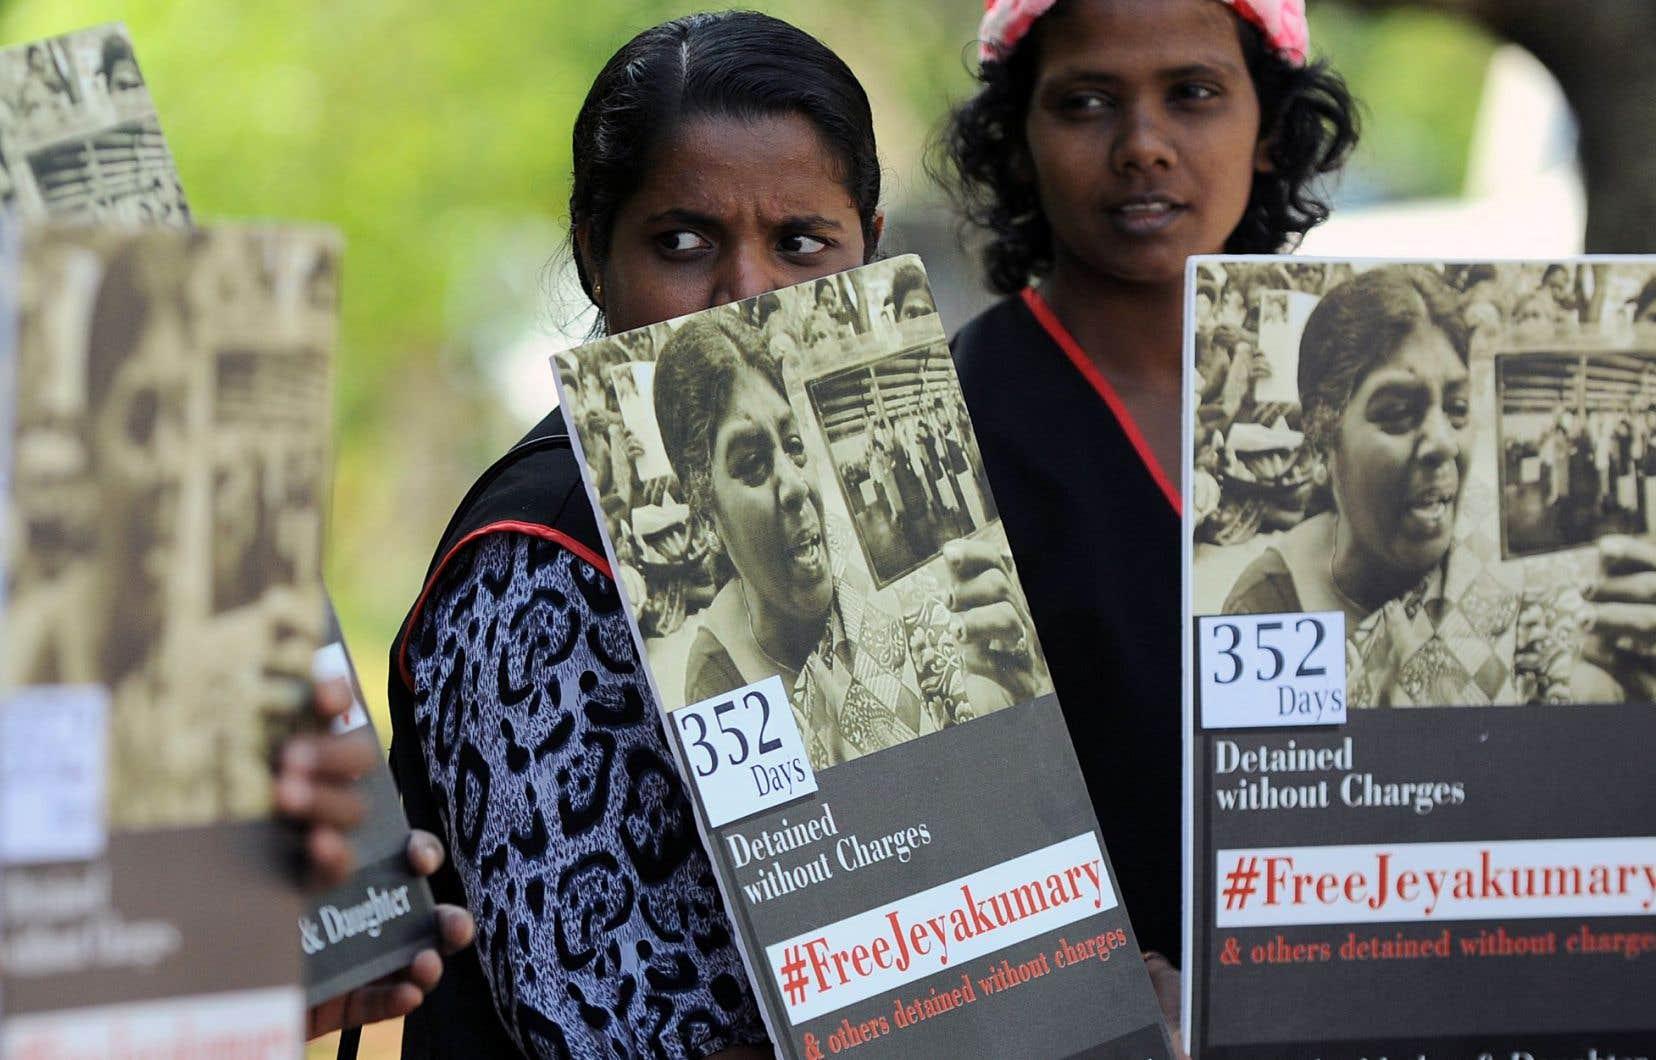 Début mars, une manifestation à Colombo demandait la libération de Jeyakumari Balendran, une Tamoule détenue sans procès par les autorités depuis près d'un an en vertu de lois antiterroristes.